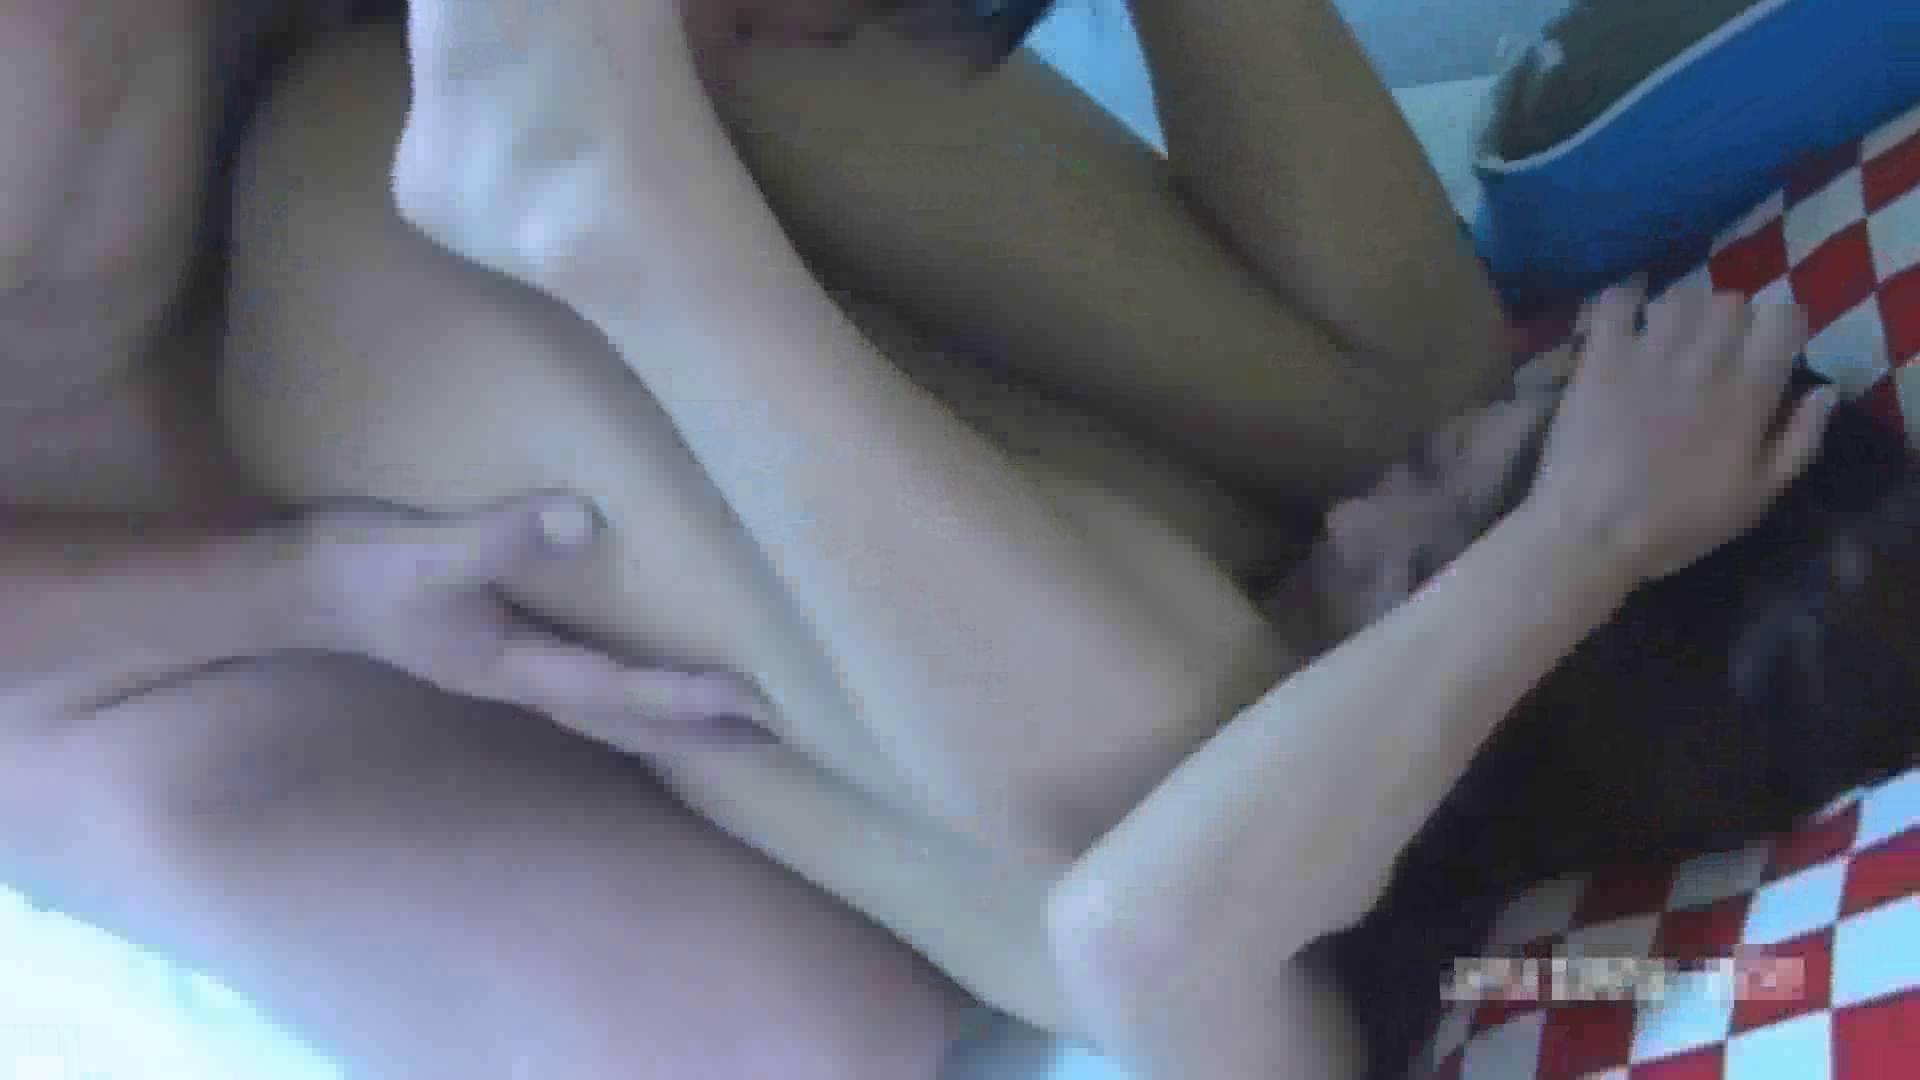 素人撮影会 ひな19歳SEX編3 素人流出動画 盗撮画像 84枚 65